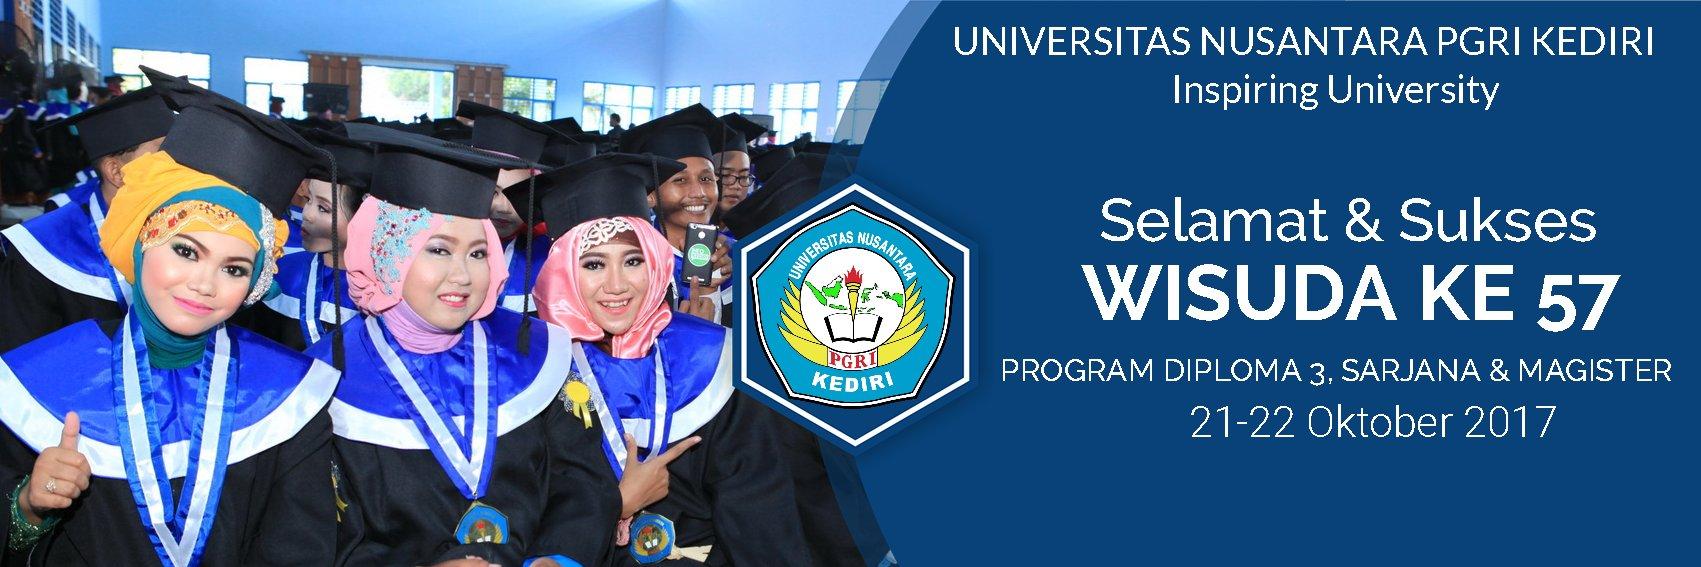 Universitas Nusantara PGRI Kediric's official Twitter account